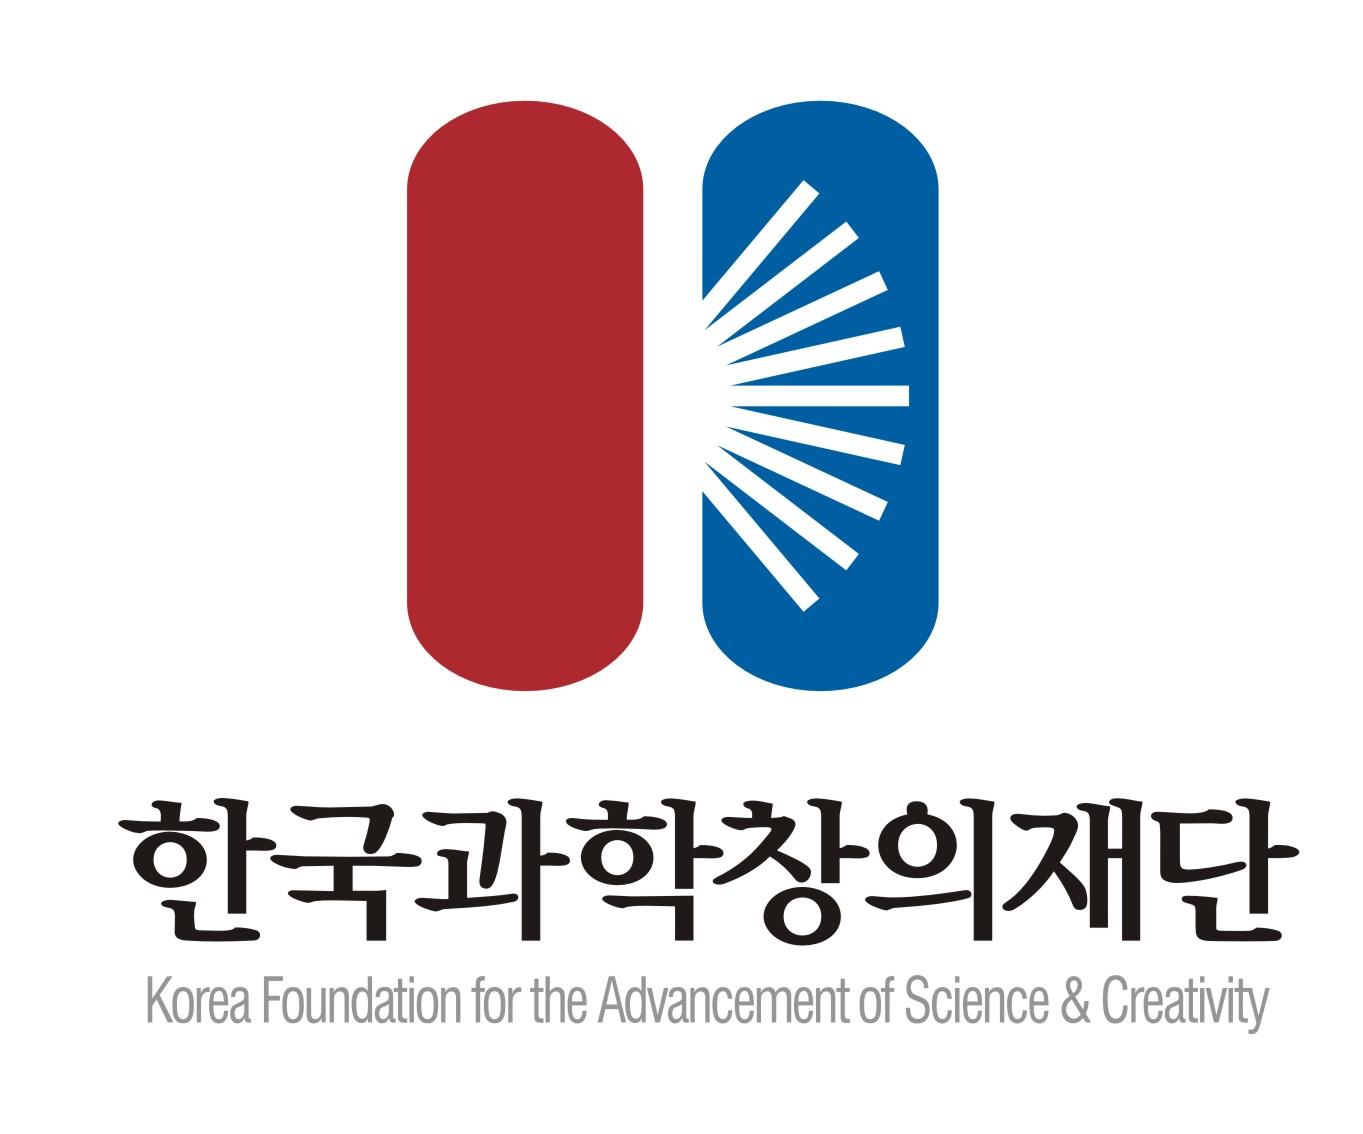 과학기술정보통신부의 계열사 (재)한국과학창의재단의 로고